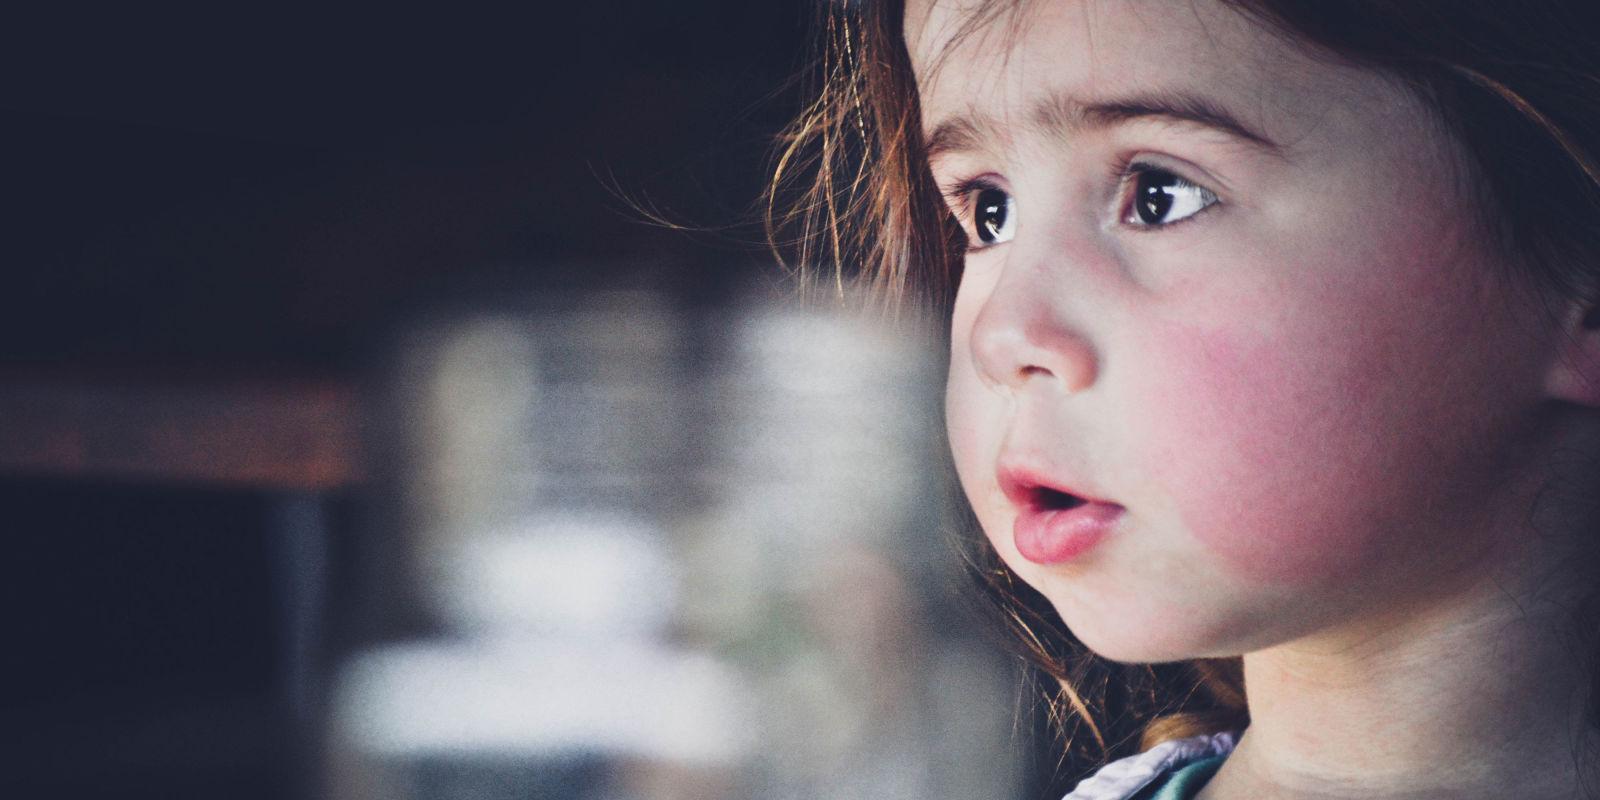 Quit Baby Girl Wallpaper Slapped Cheek Syndrome